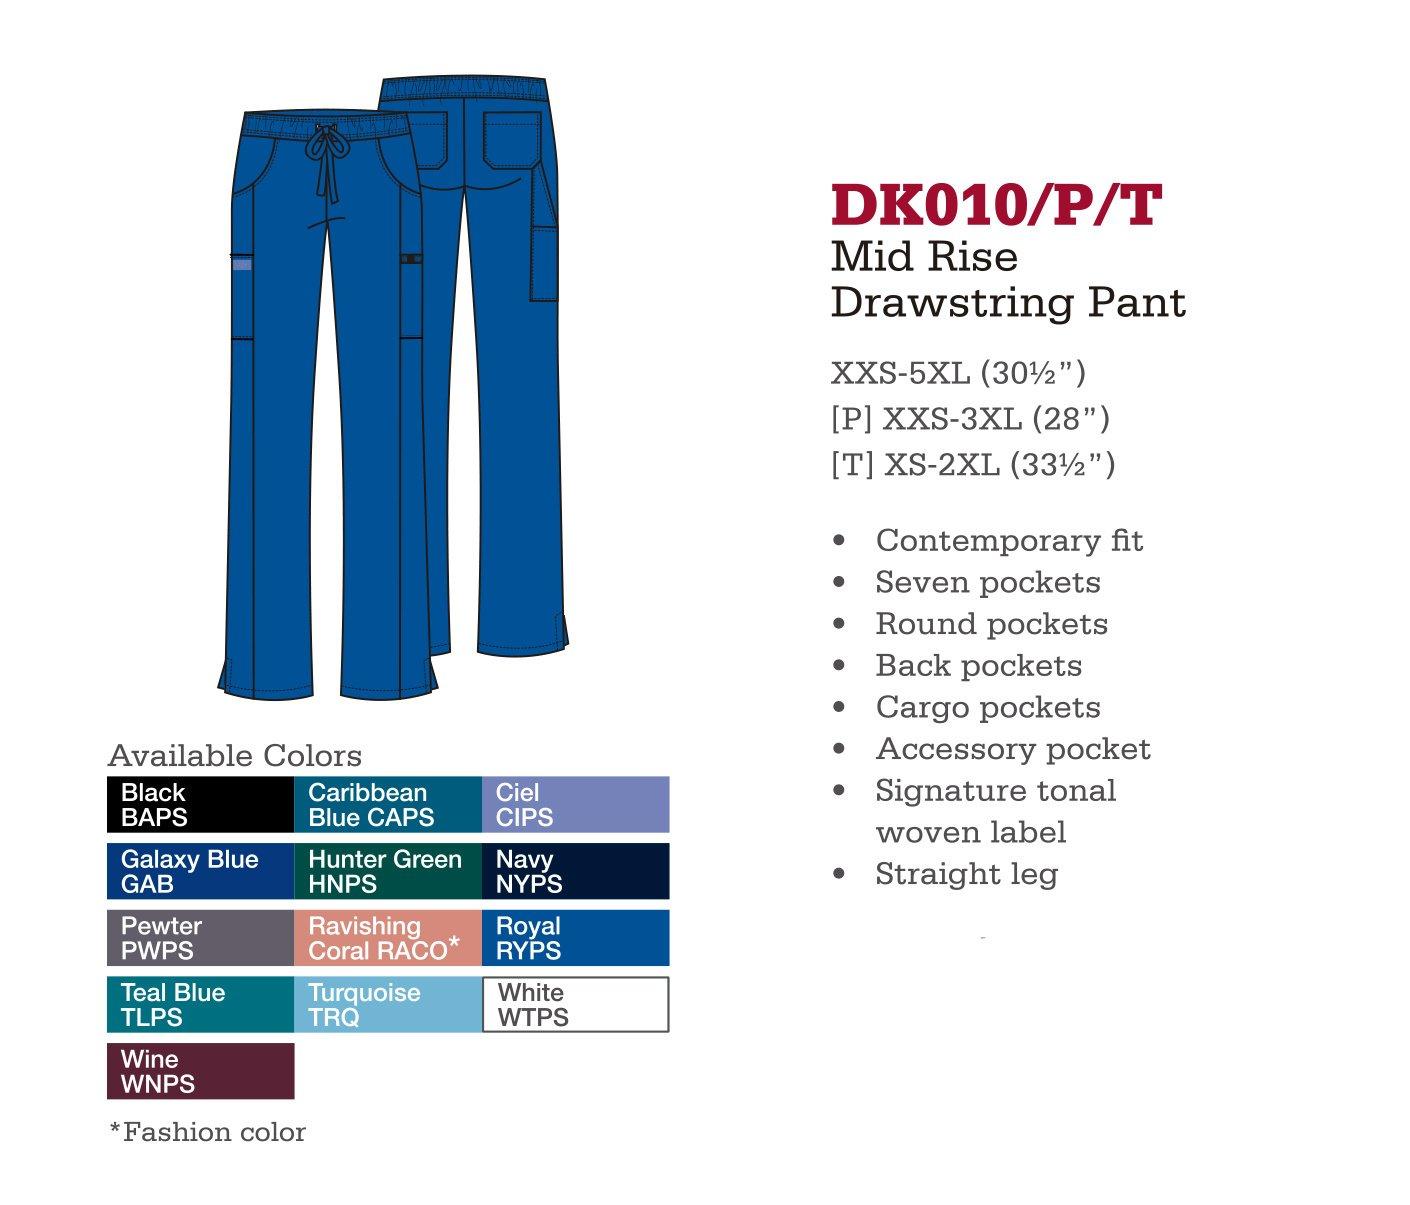 Pantalón de Cordones a Medio Levantar. DK010/P/T.